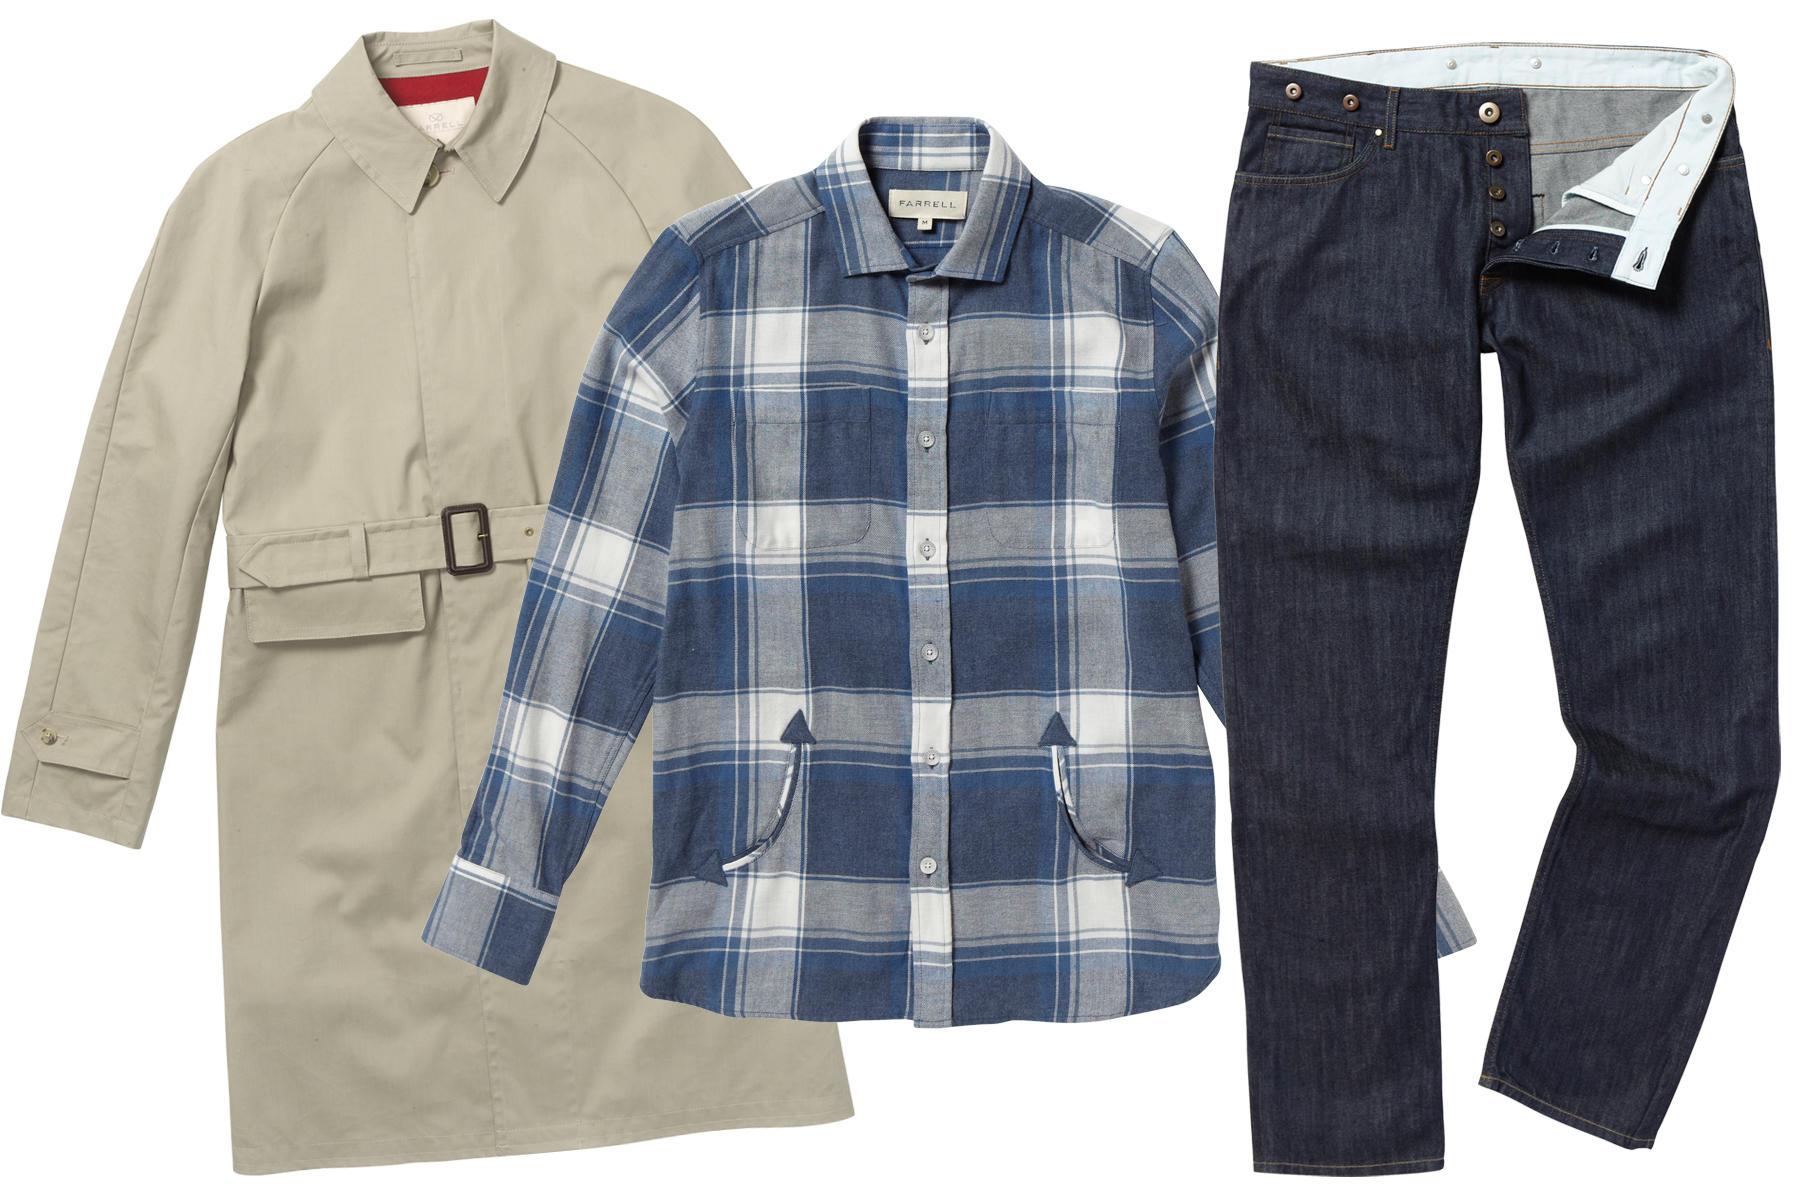 Links: beiger Trenchcoat; Mitte: kariertes Hemd mit Eingrifftaschen; Rechts: Bluejeans mit Knopfleiste in Vintage-Optik